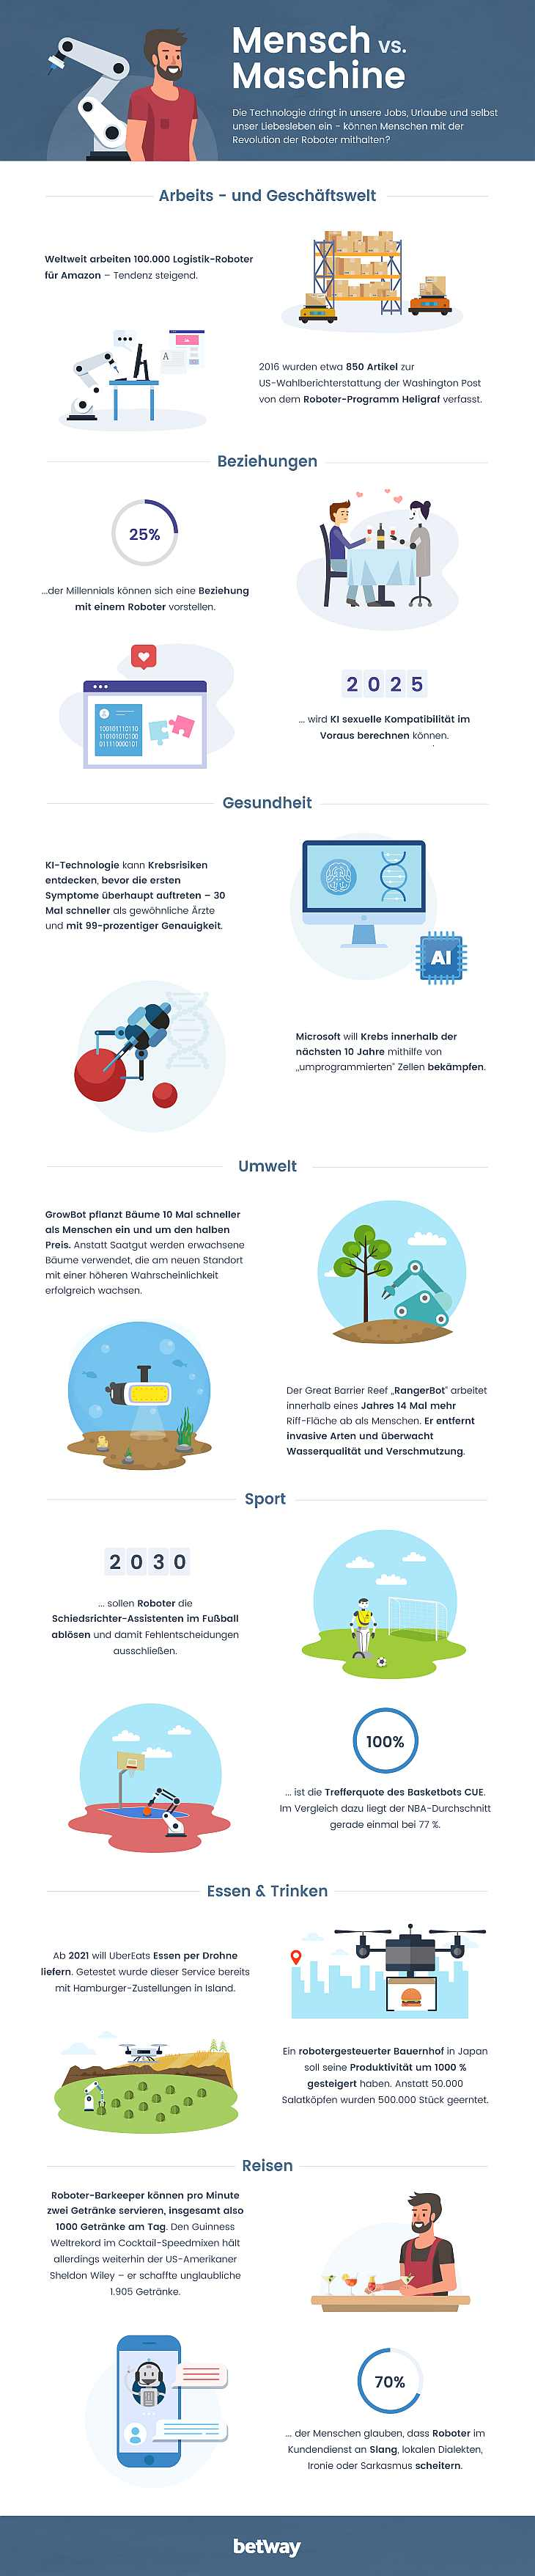 Infografik: Mensch gegen Maschine